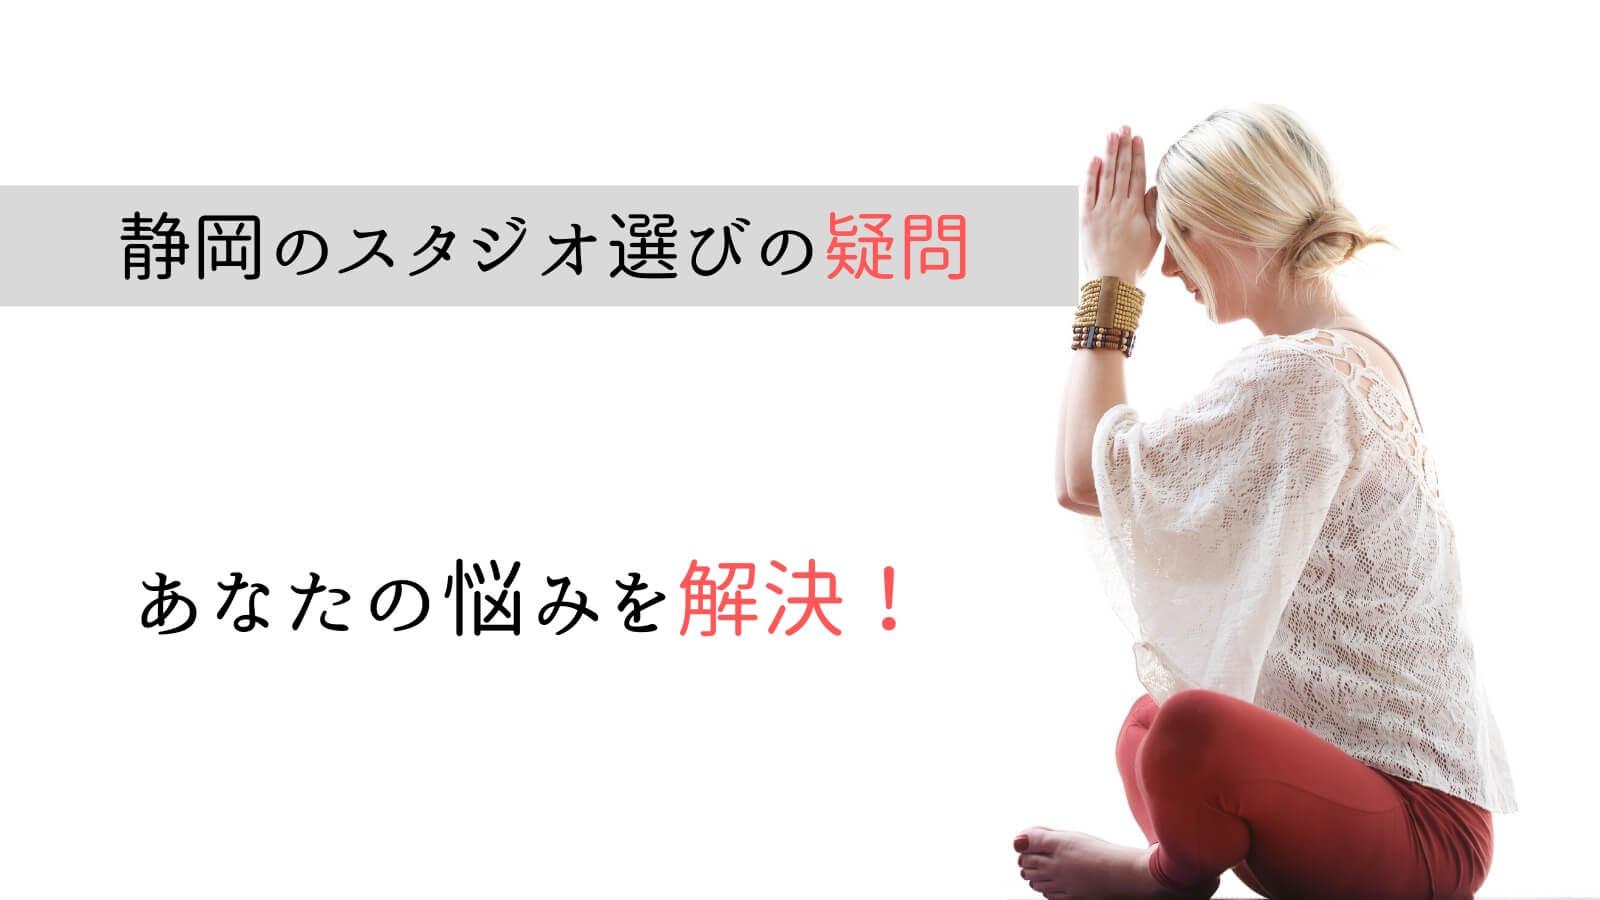 静岡でのヨガ・ホットヨガスタジオ選びに関するQ&A